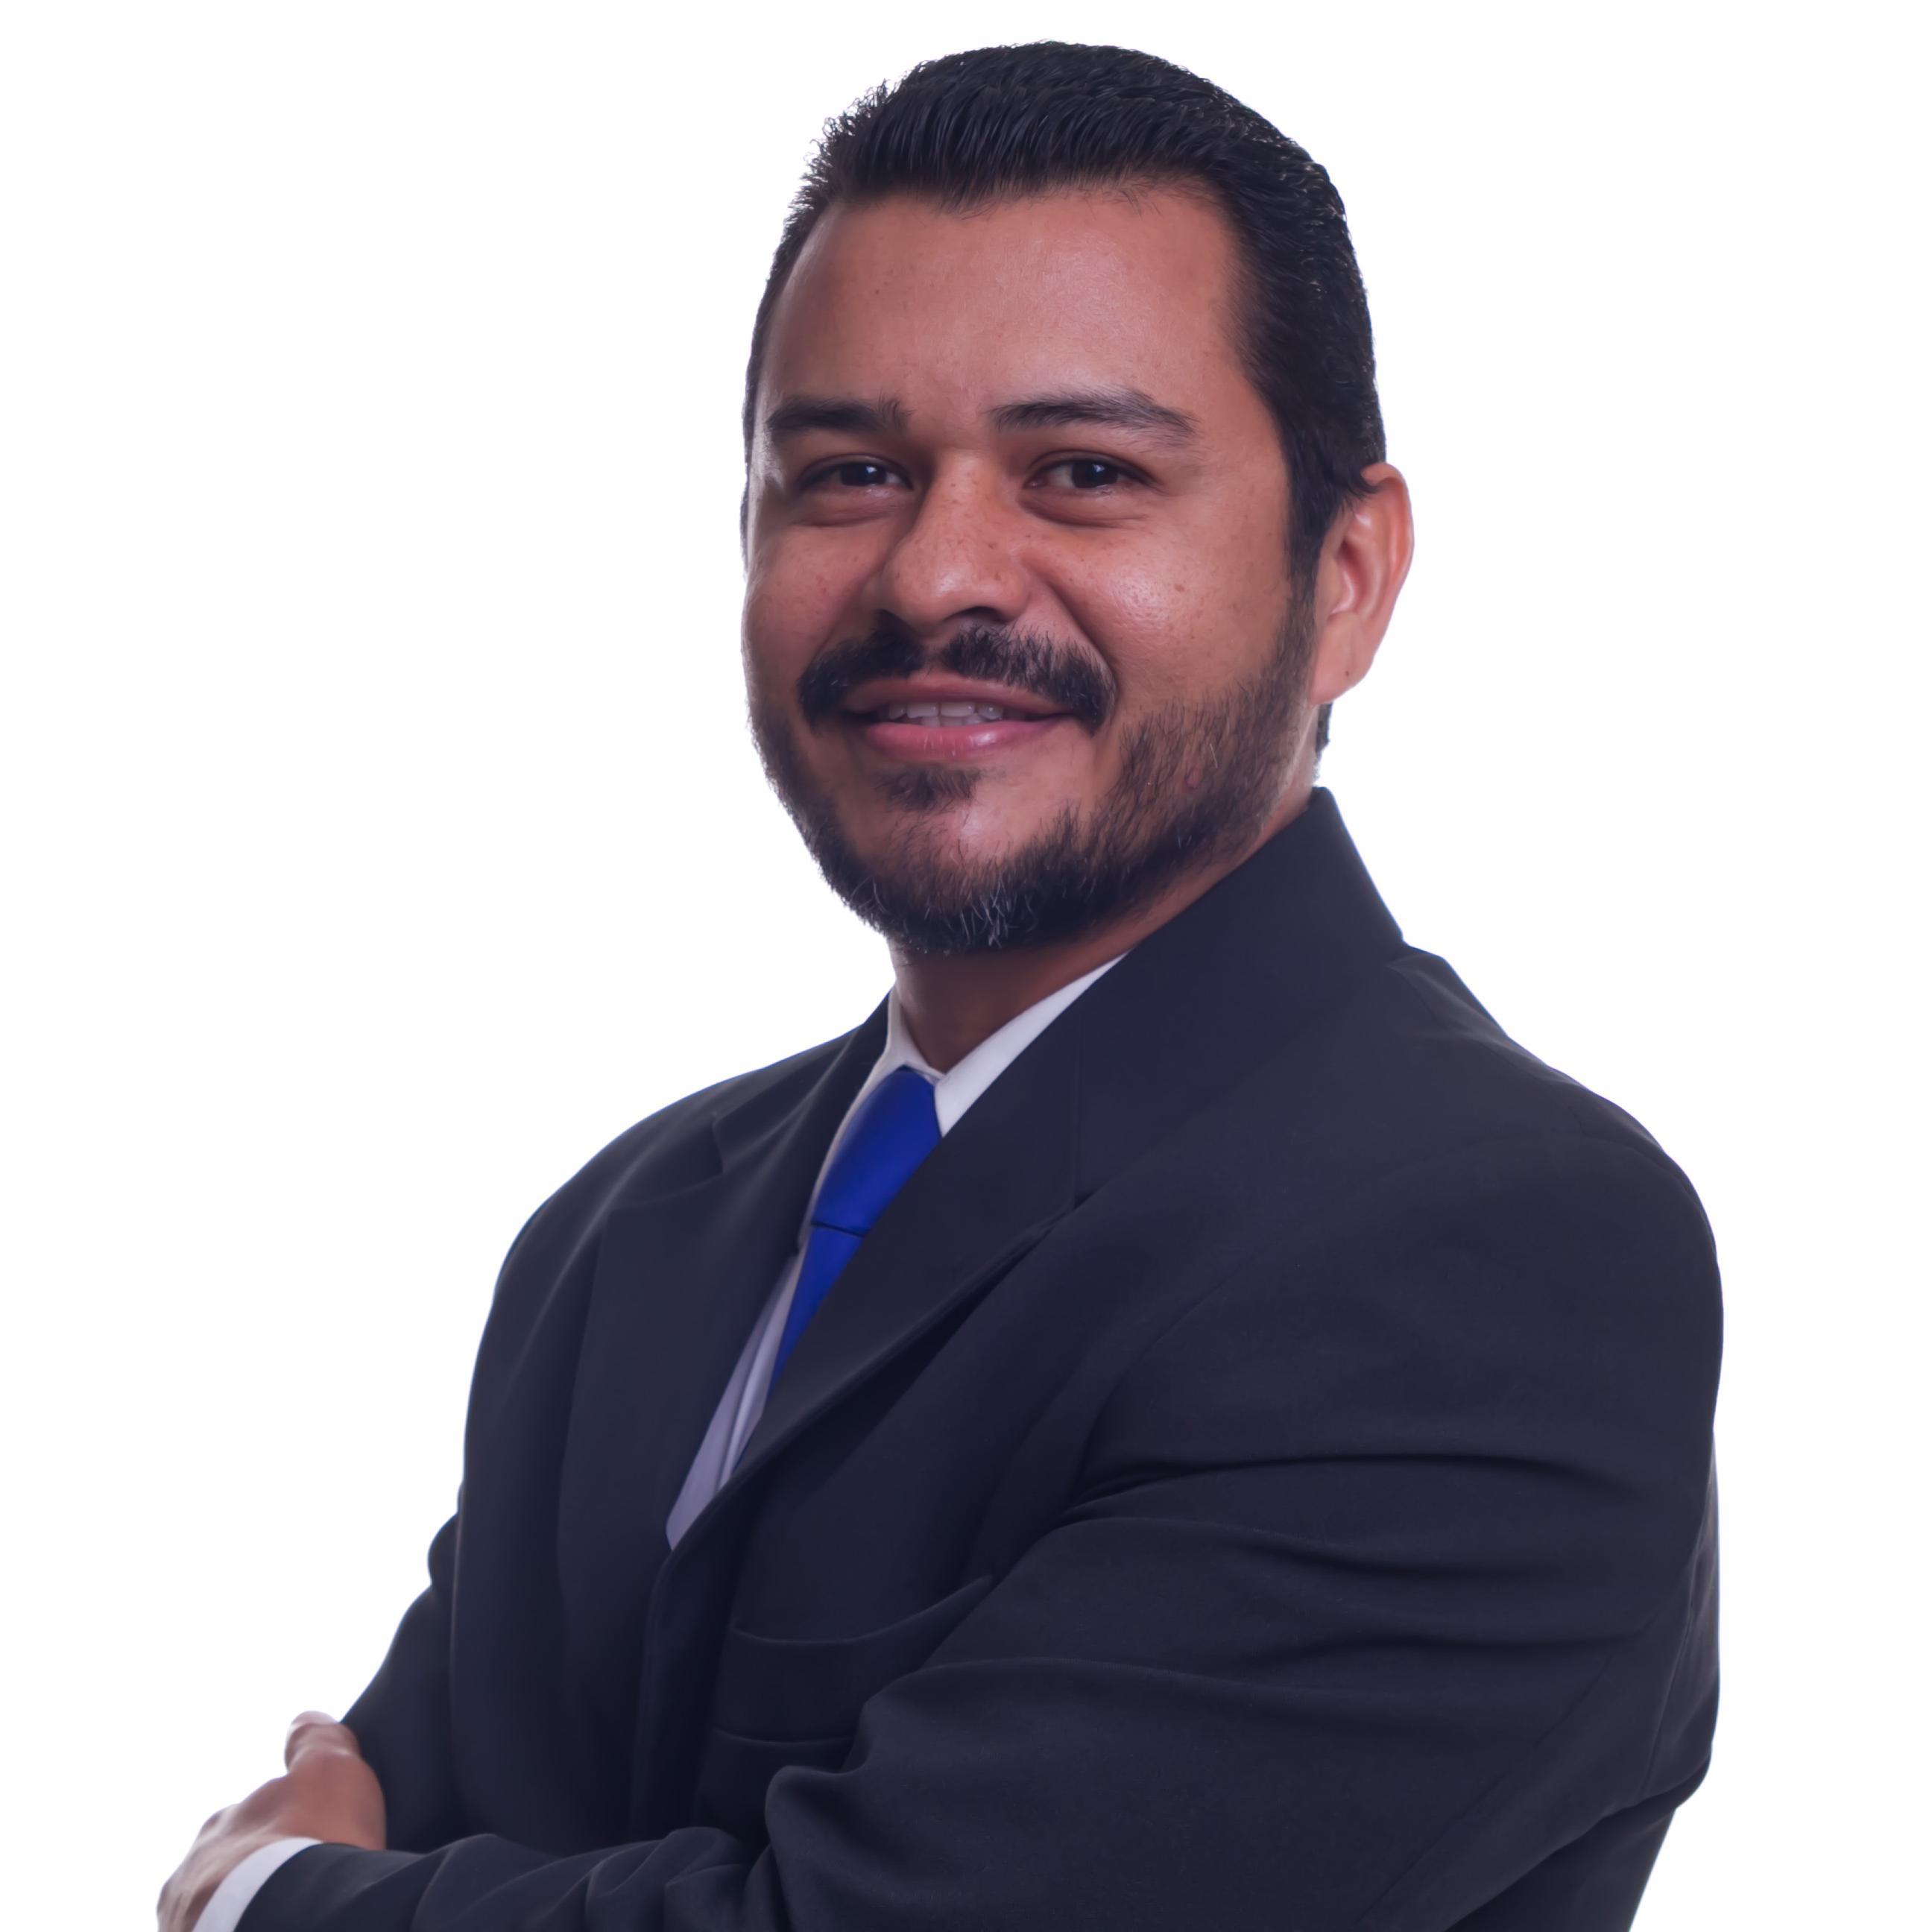 Jarbas Martins Moura da Silva